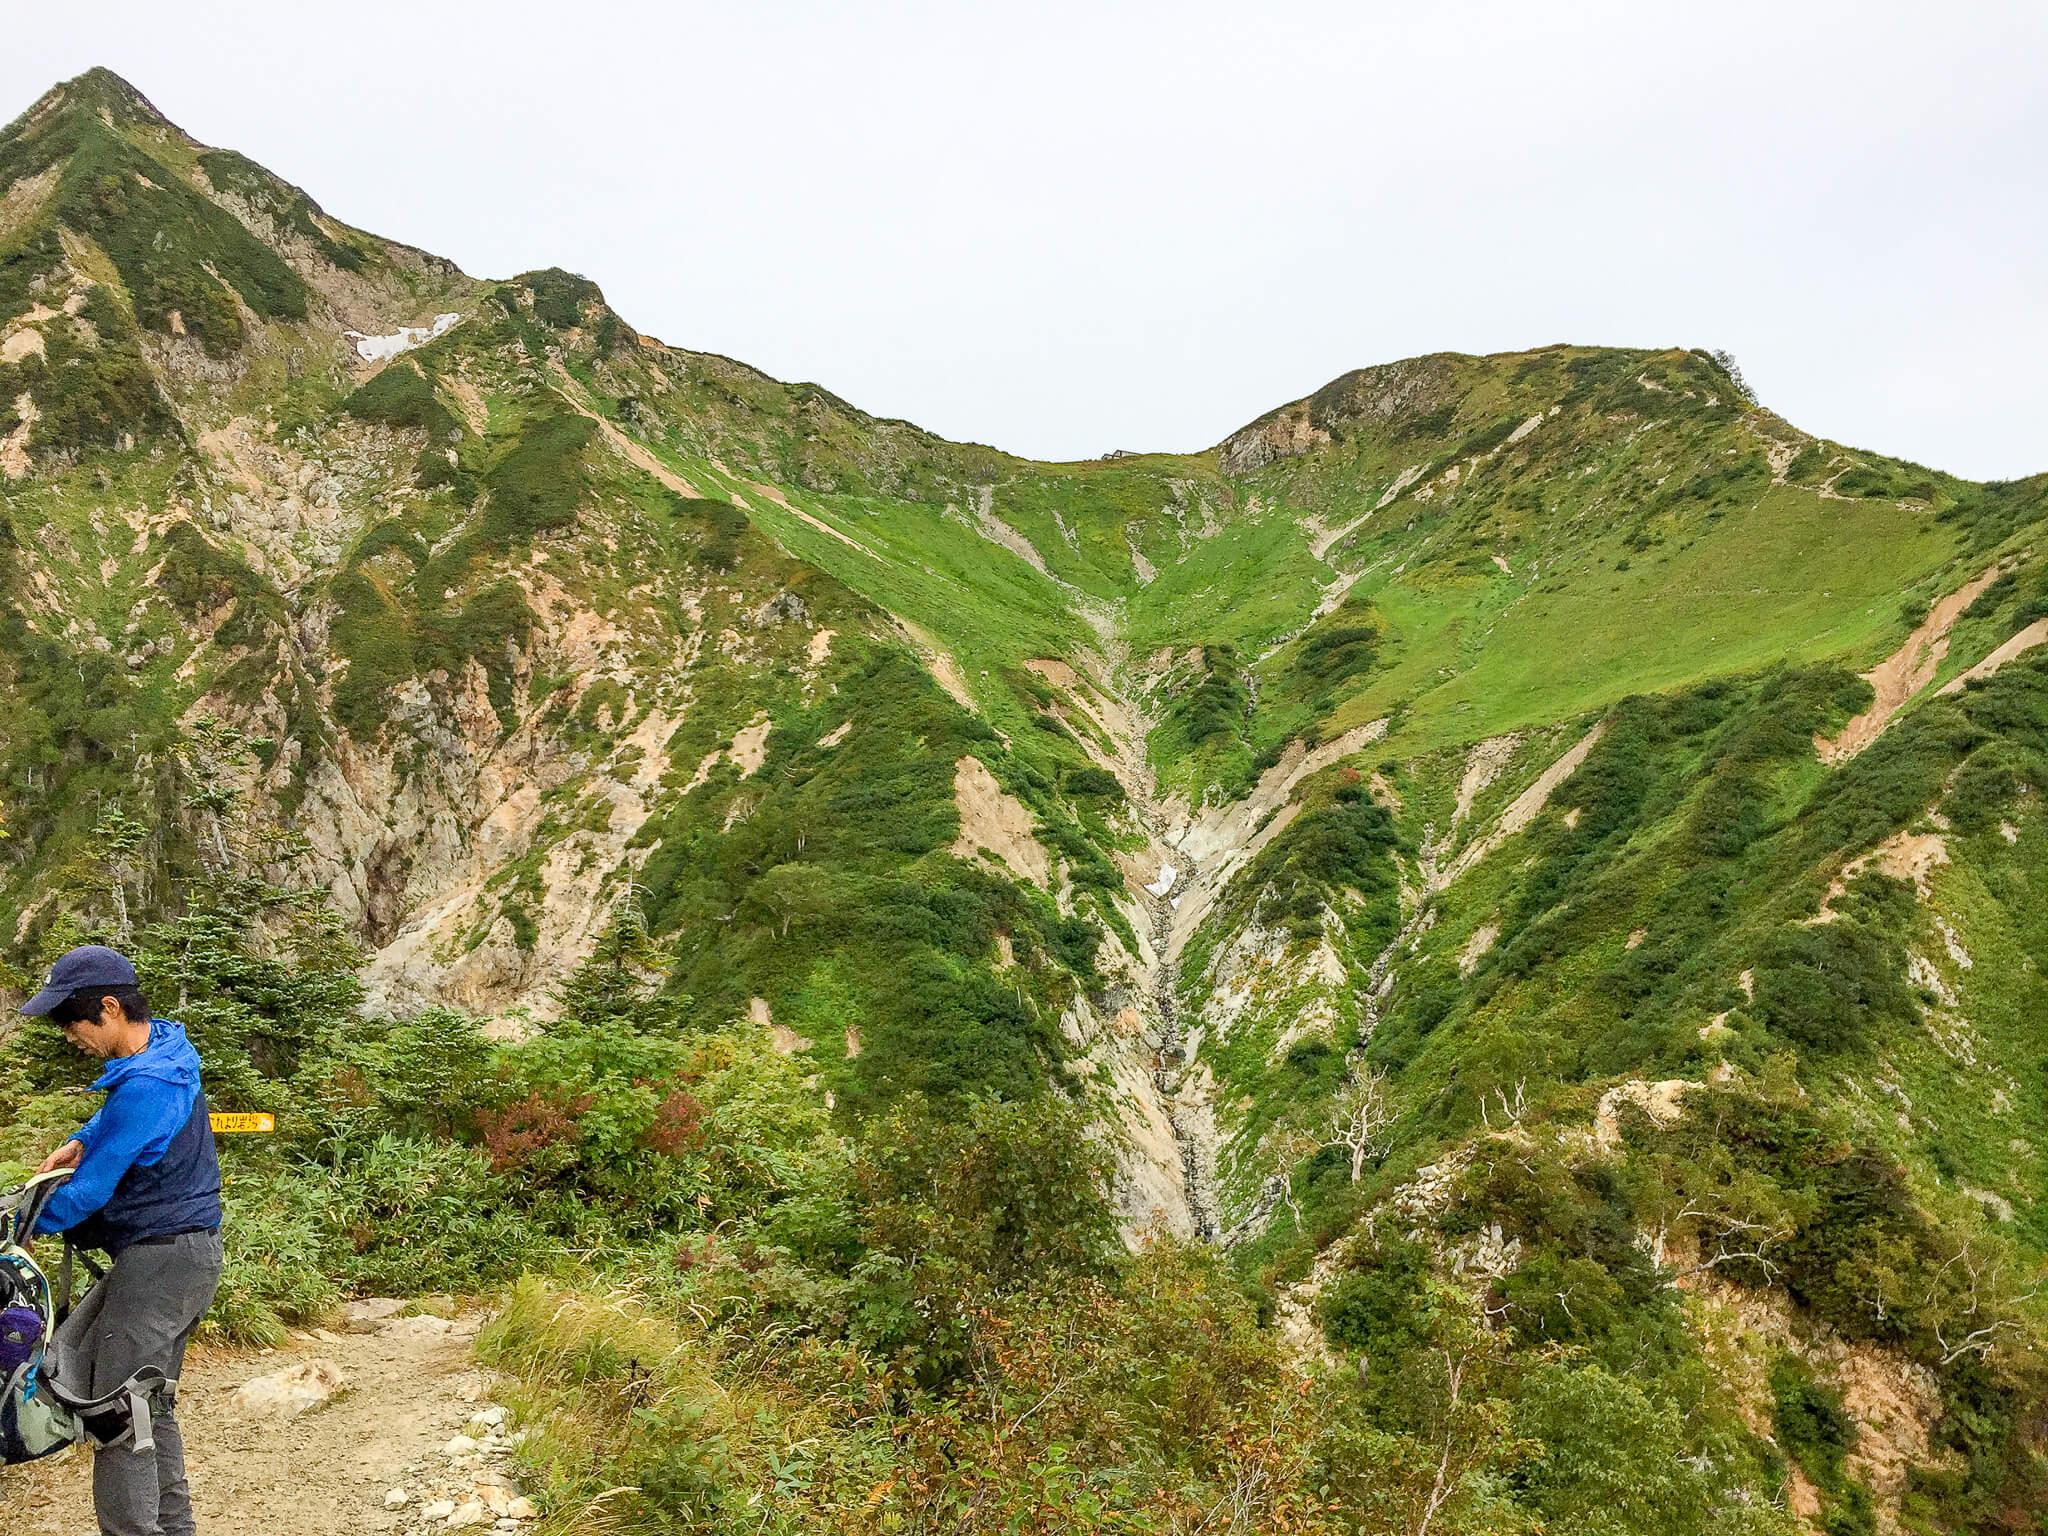 五竜岳・遠見尾根からの五竜山荘